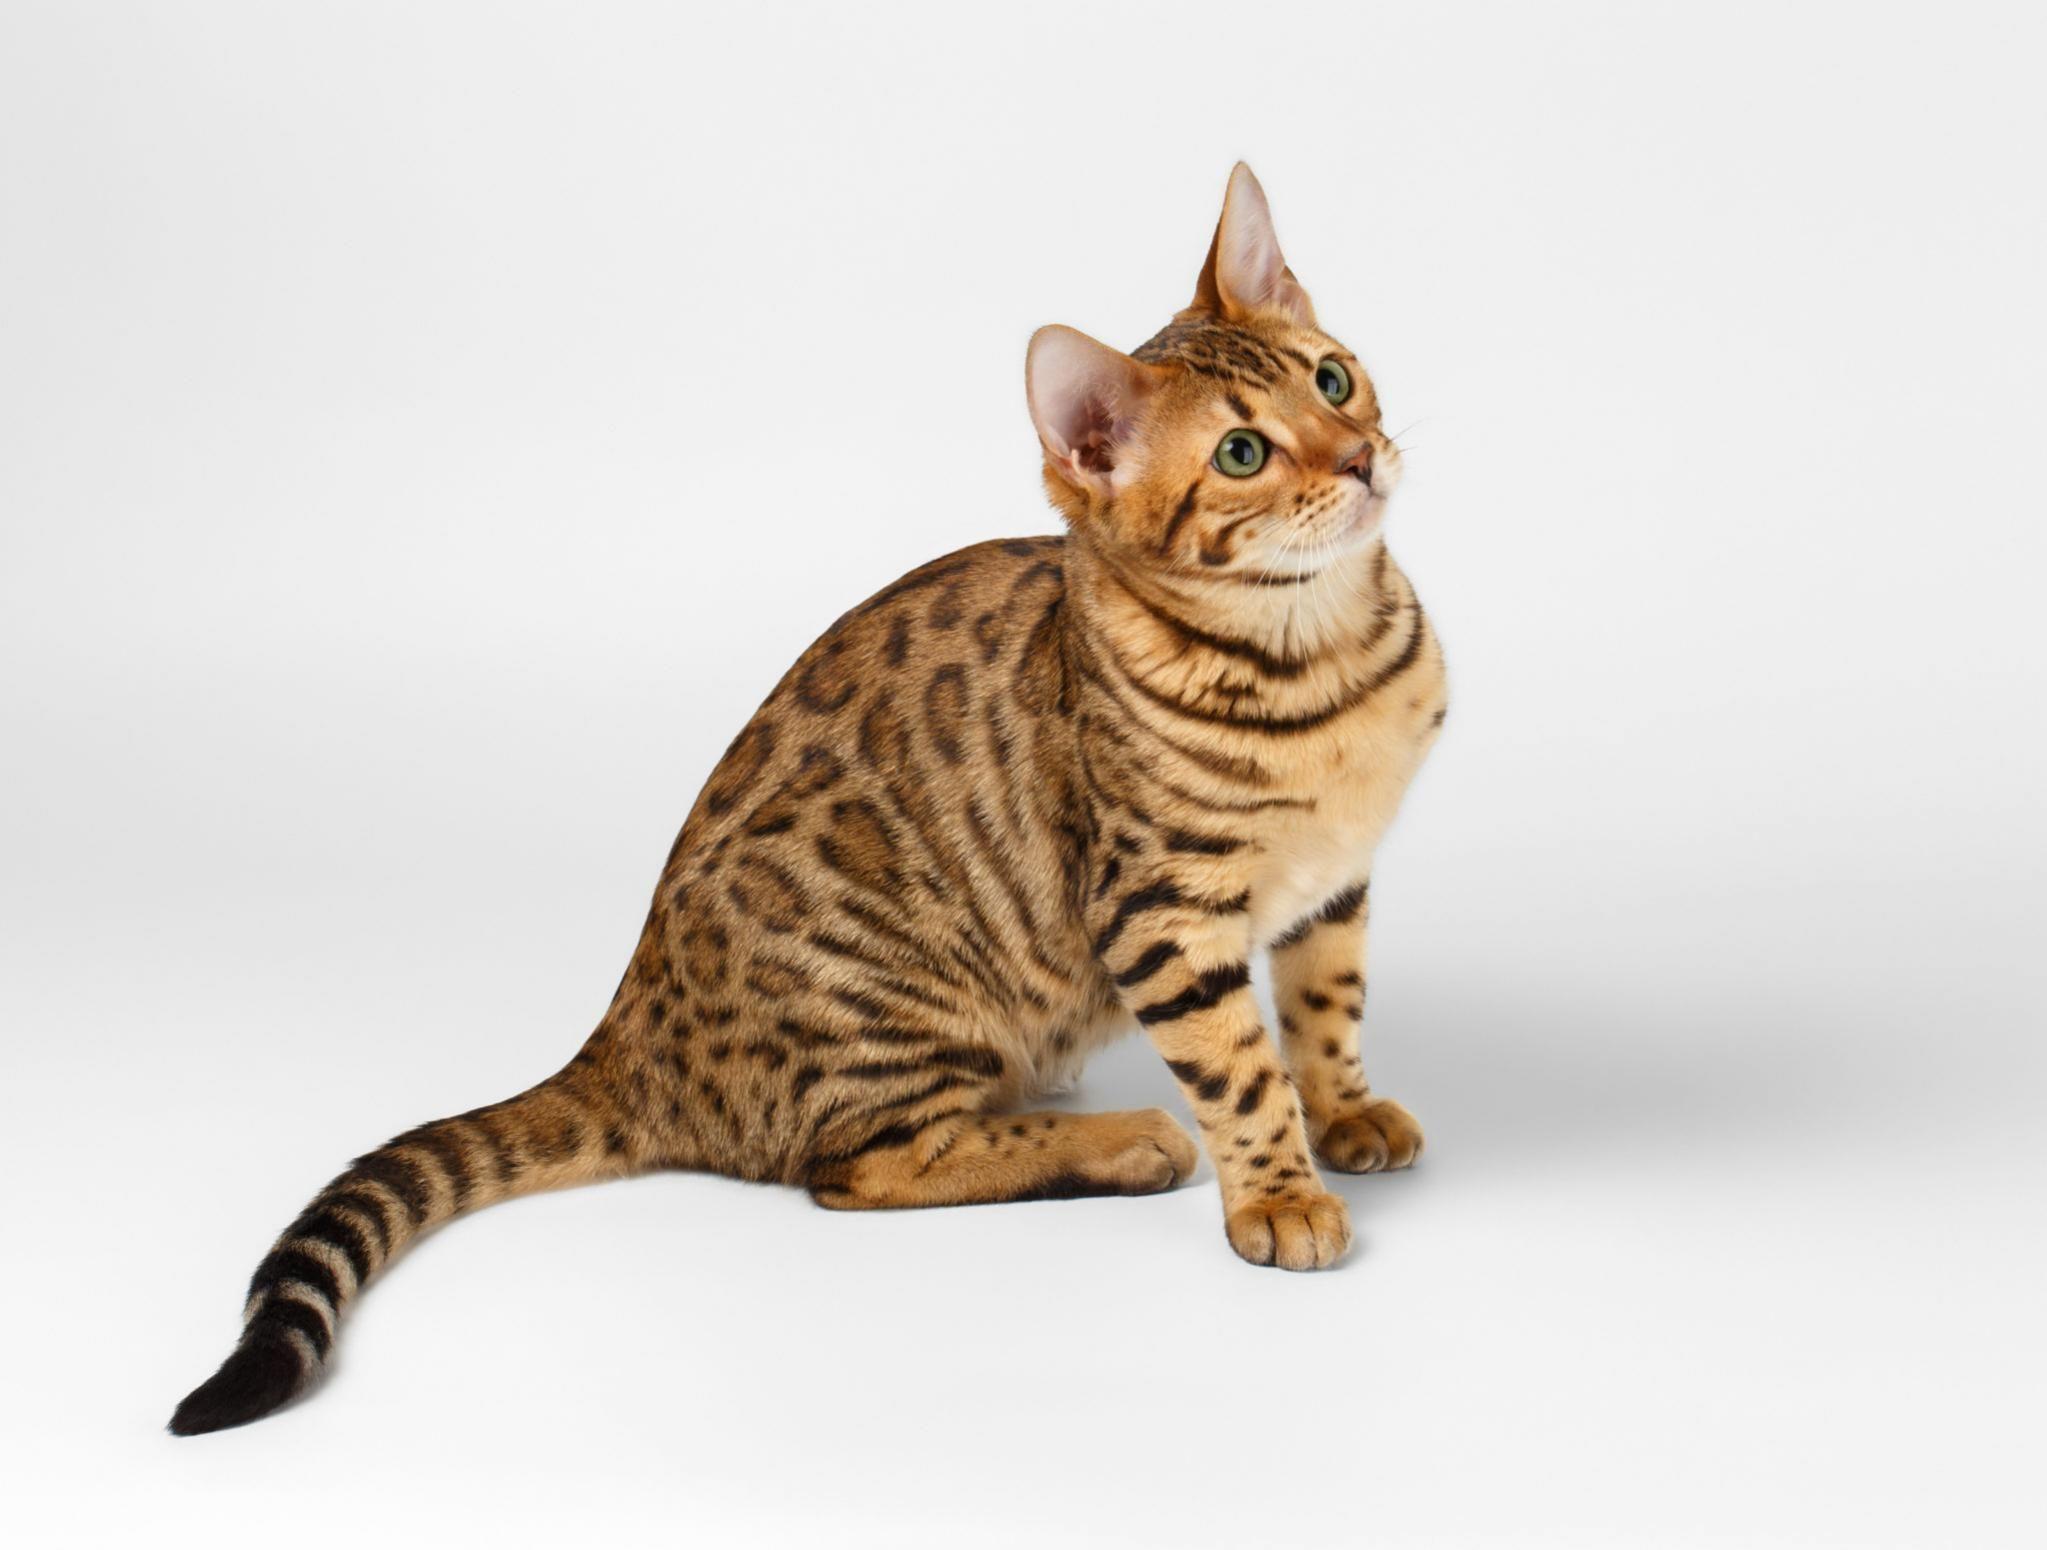 bengal cat bengal cat kitten bengal cat facts bengal cat